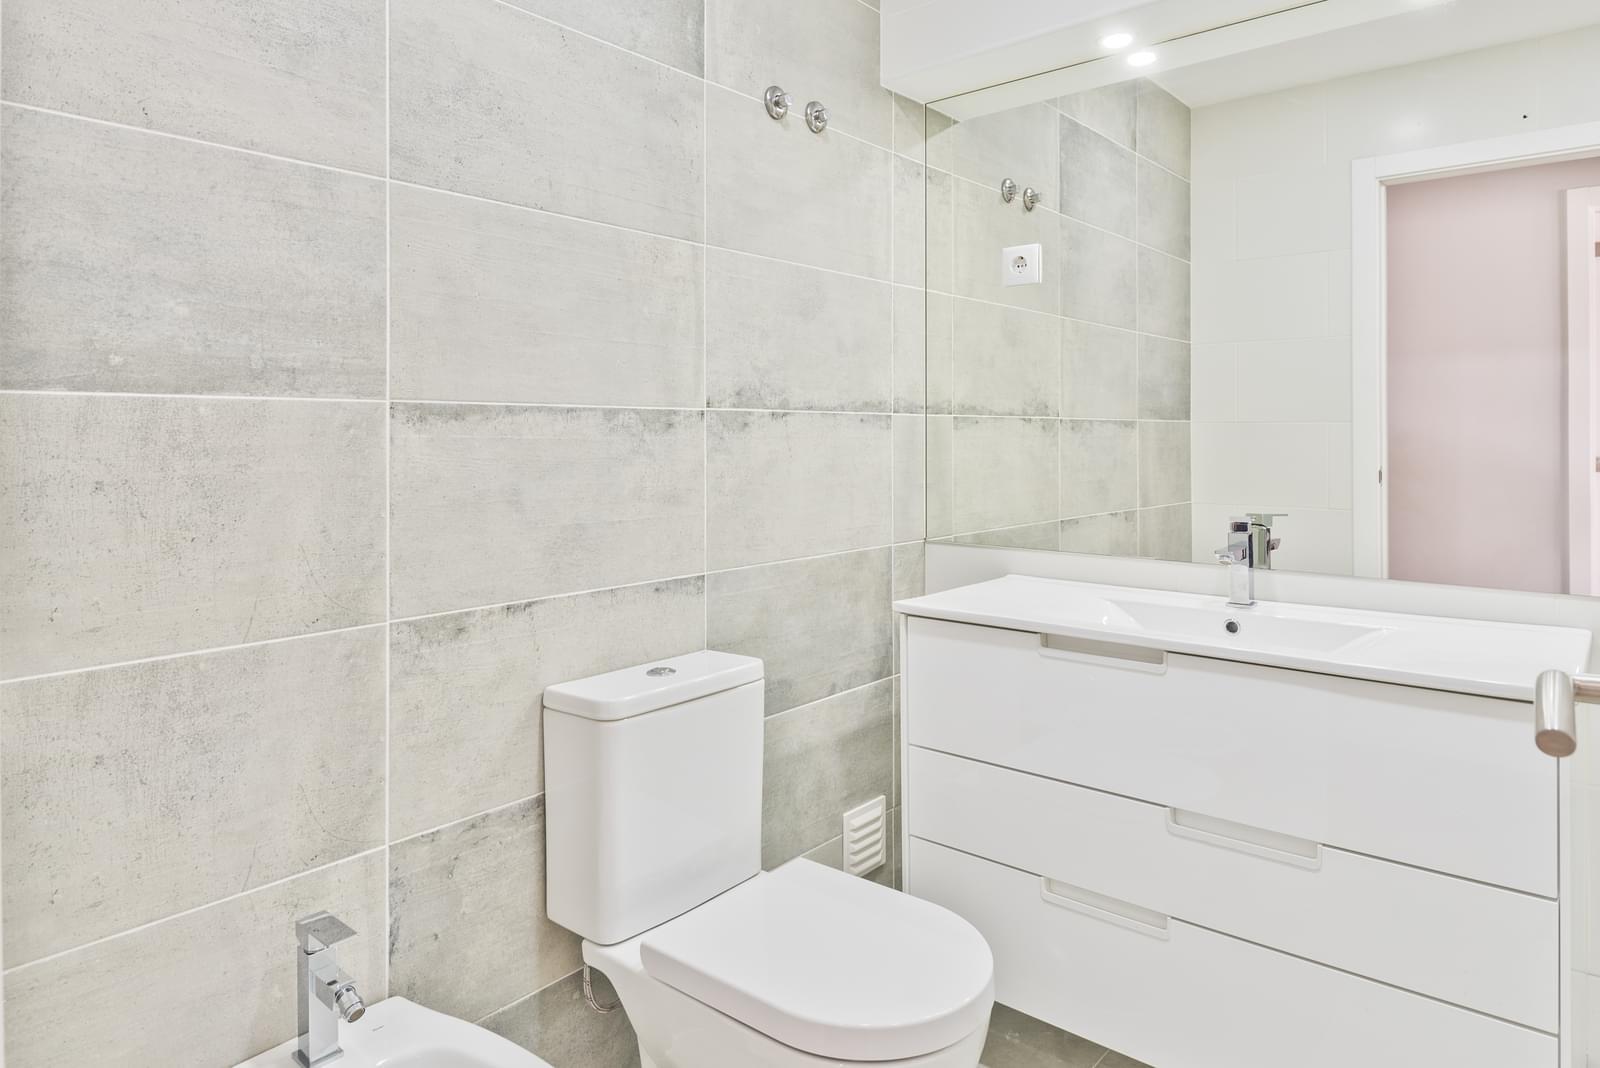 pf18963-apartamento-t5-cascais-08e39b59-67aa-4b7a-bfcc-af44e358c2c1